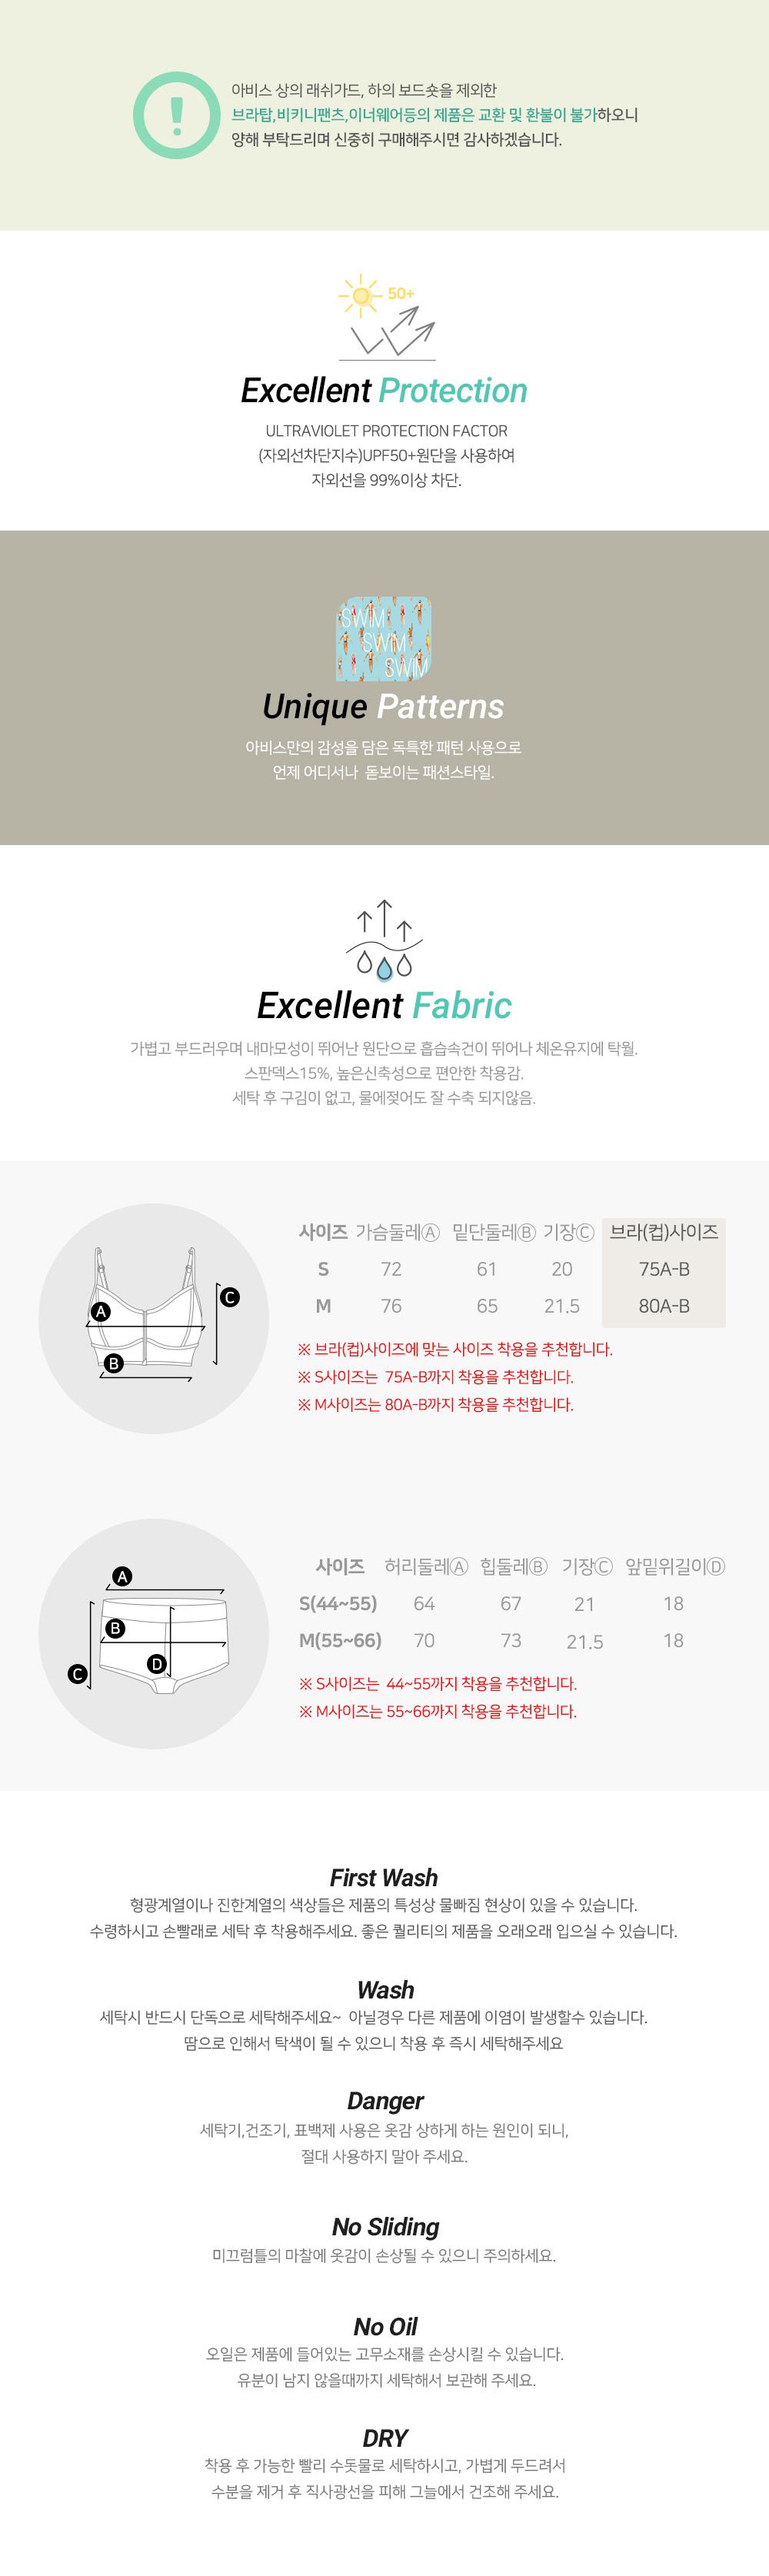 아비스 우먼 비키니세트 제품특징 및 사이즈정보